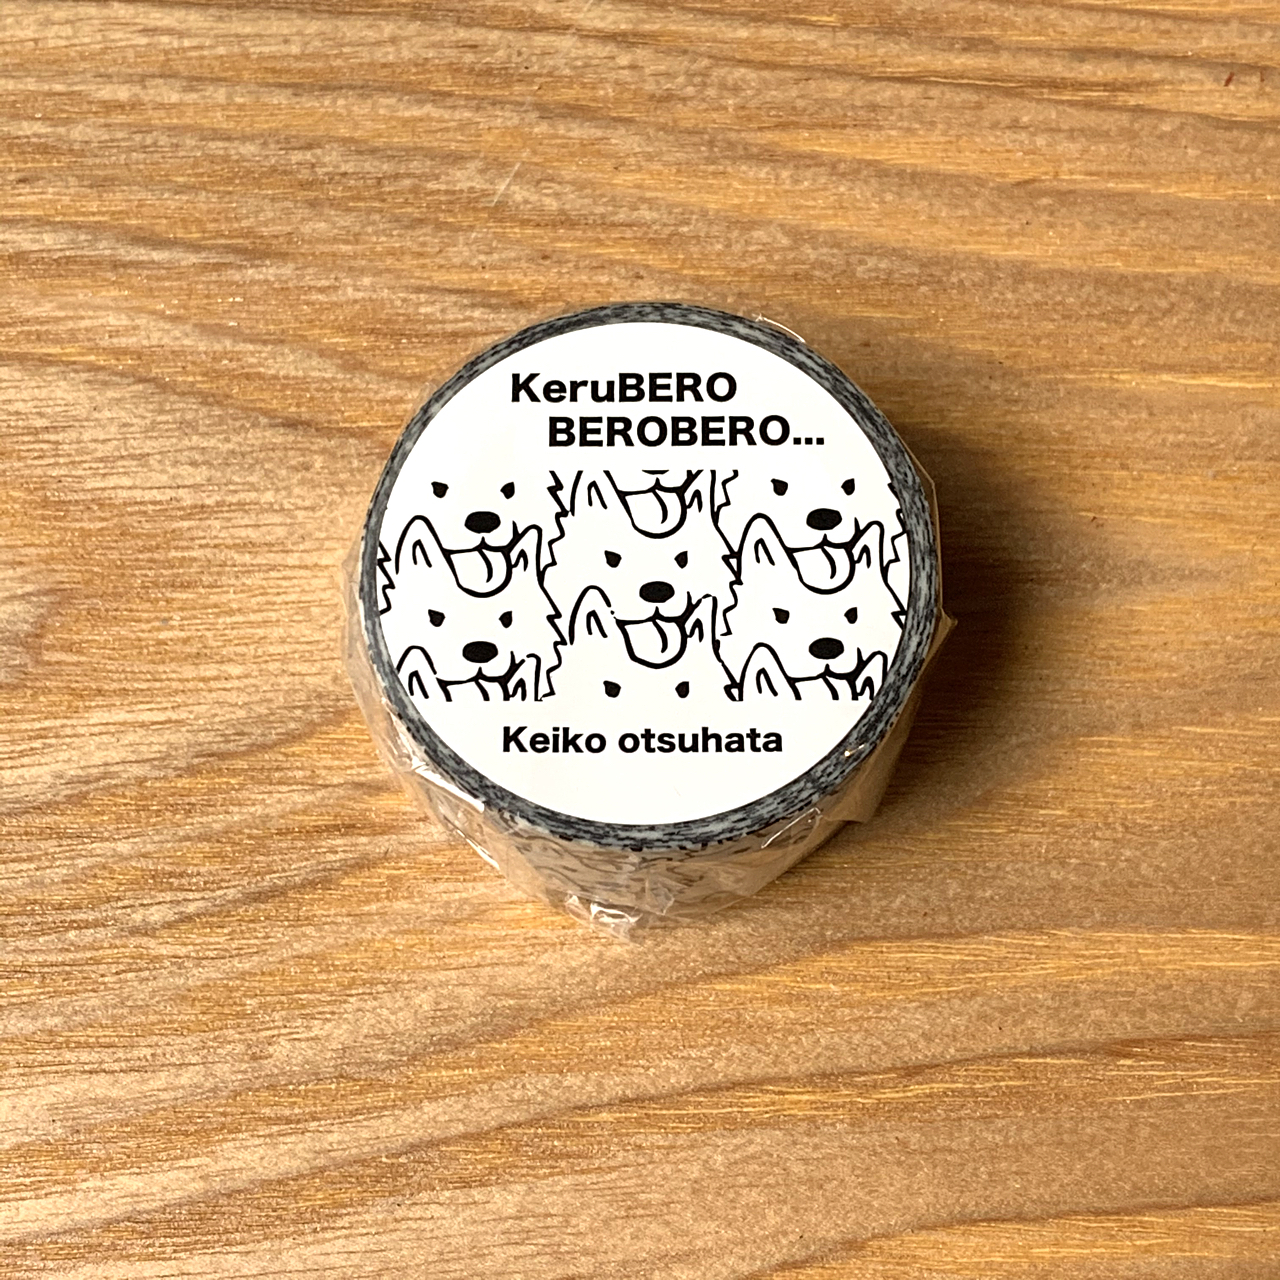 「KeruBEROBEROBERO」マスキングテープ